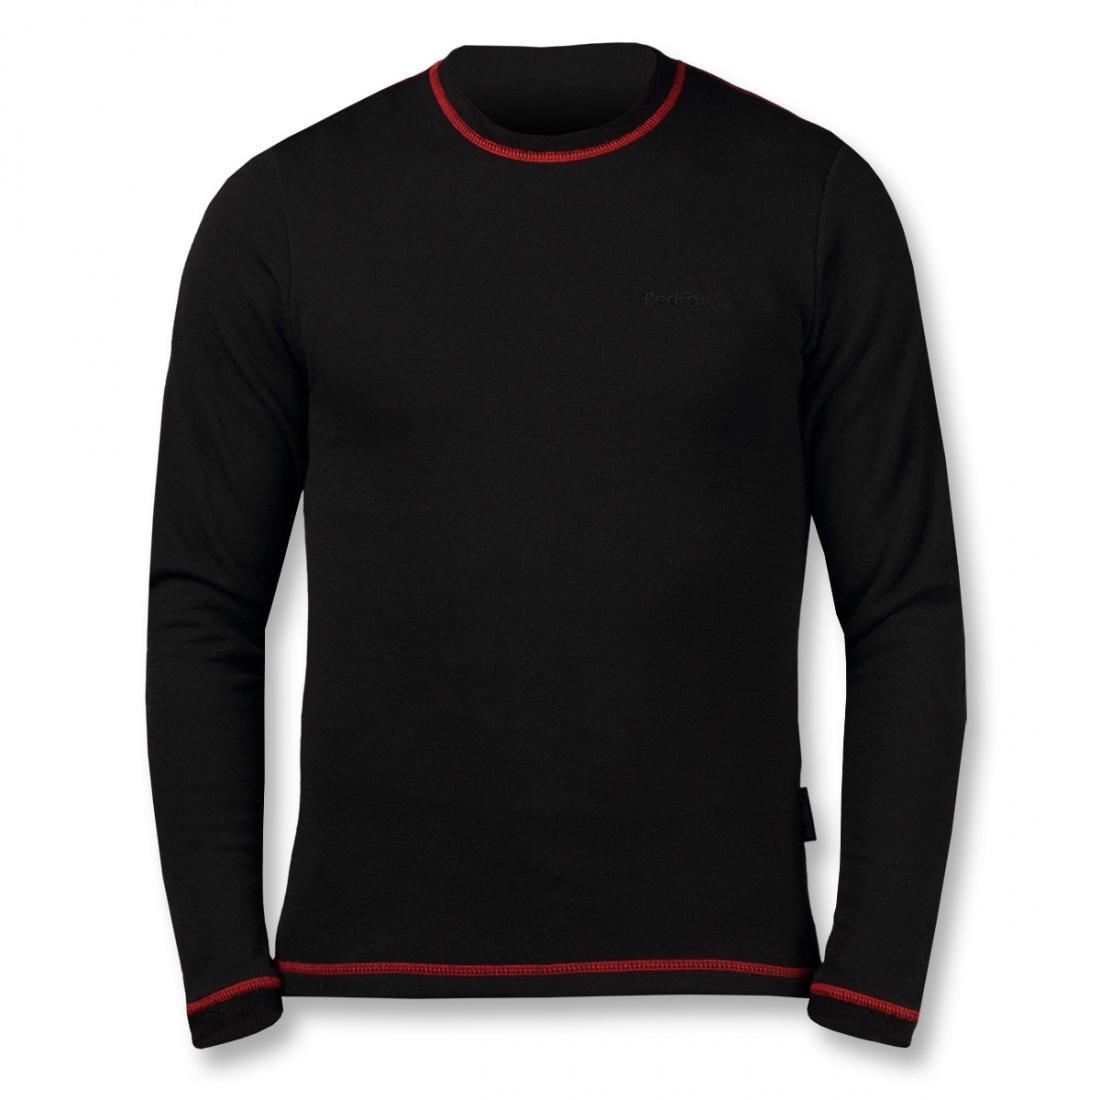 Фото - Термобелье футболка Wool Dry от Red Fox Термобелье футболка Wool Dry (56, 1000/черный, ,)